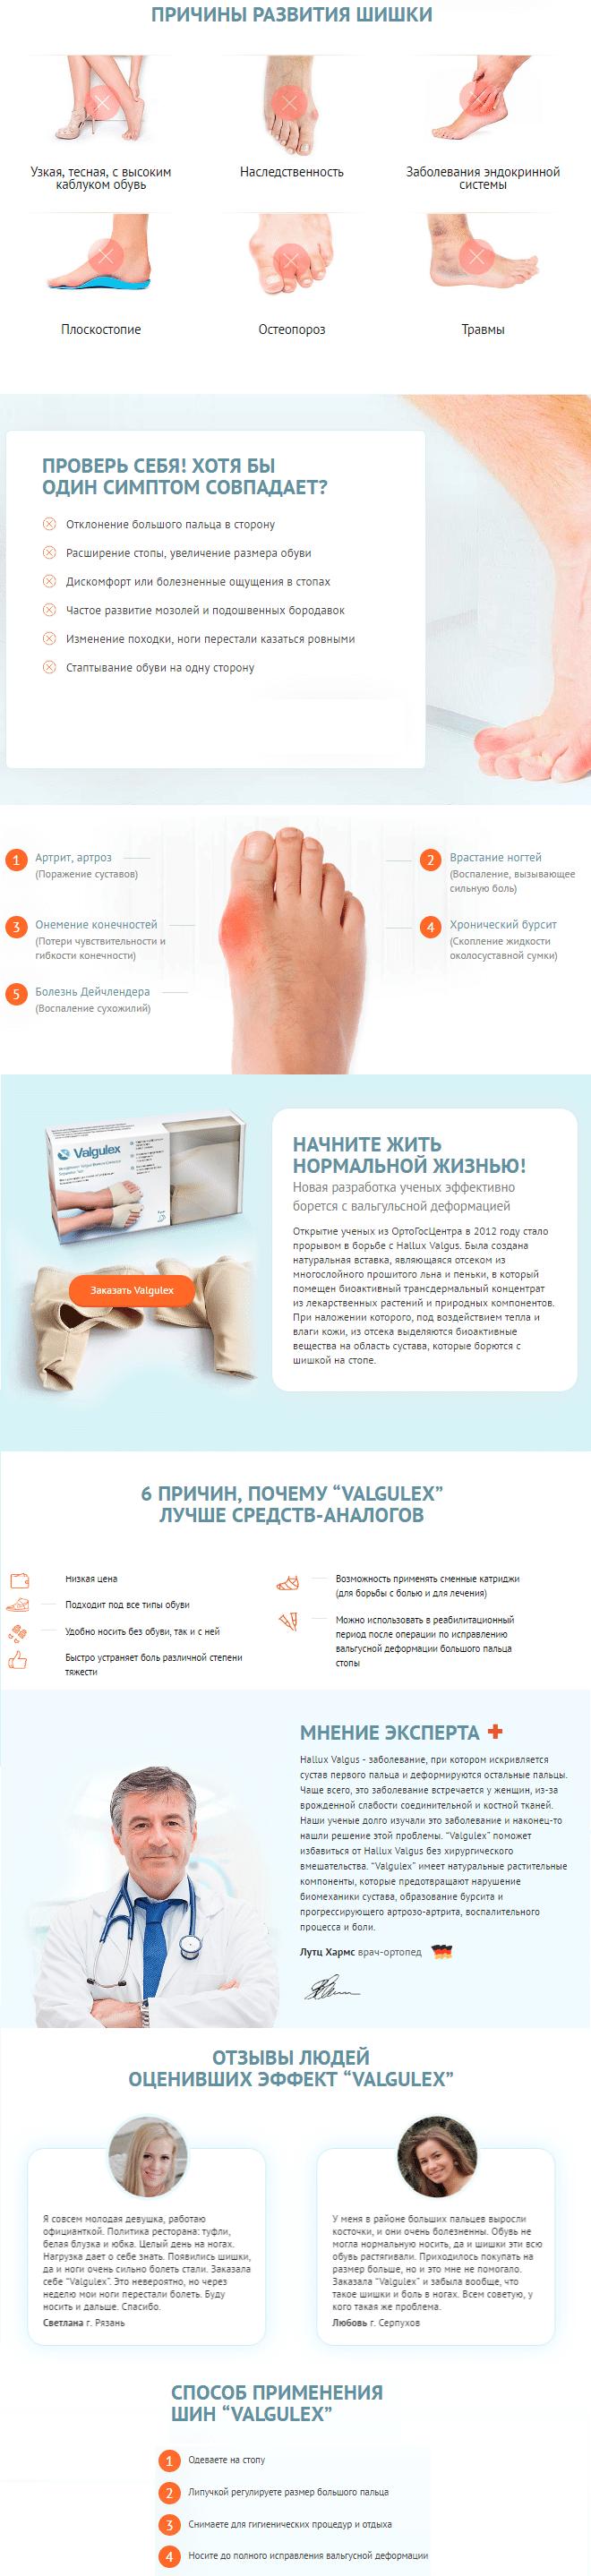 Вальгулекс лечение вальгусной деформации купить